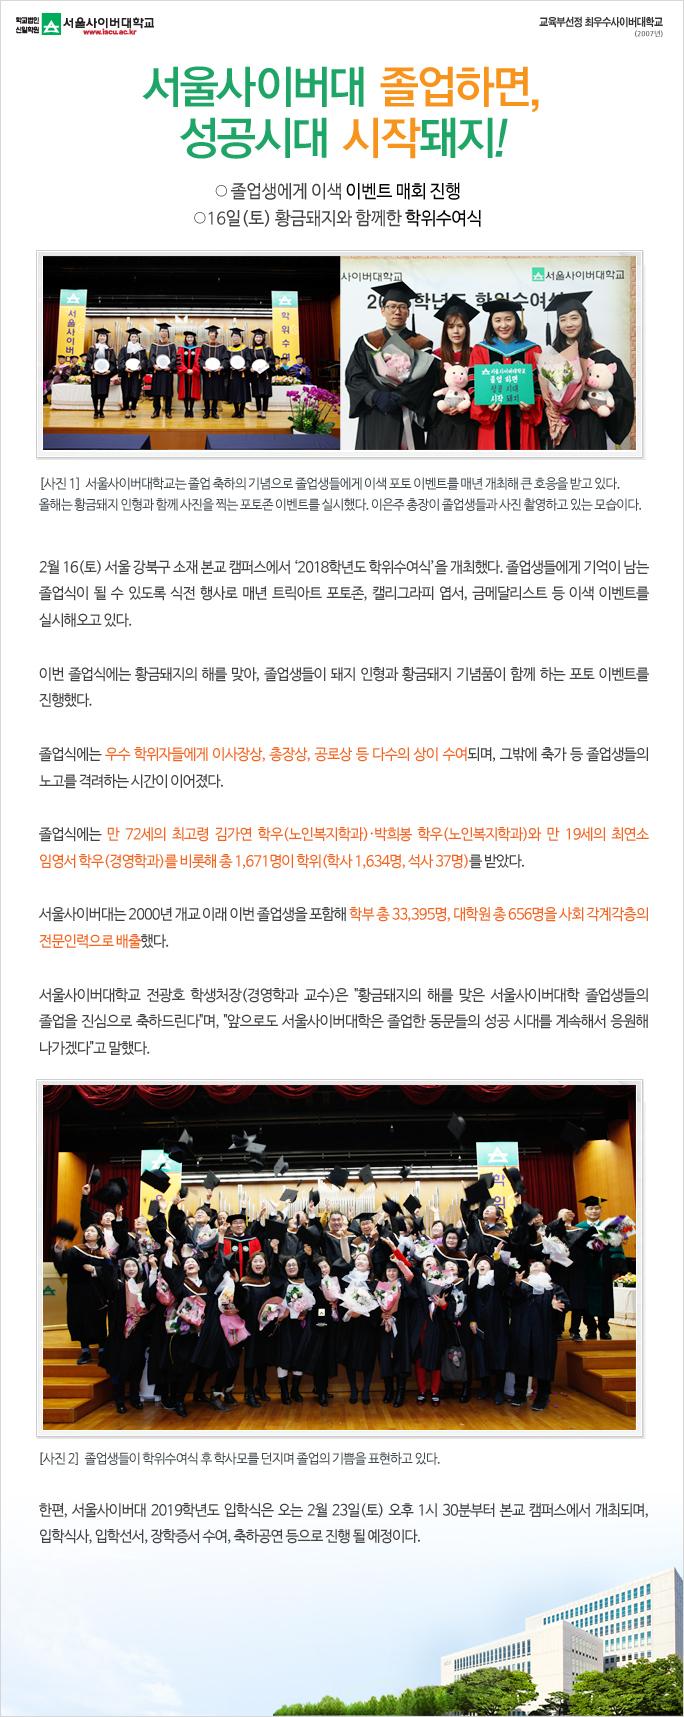 서울사이버대 졸업하면, 성공시대 시작돼지!